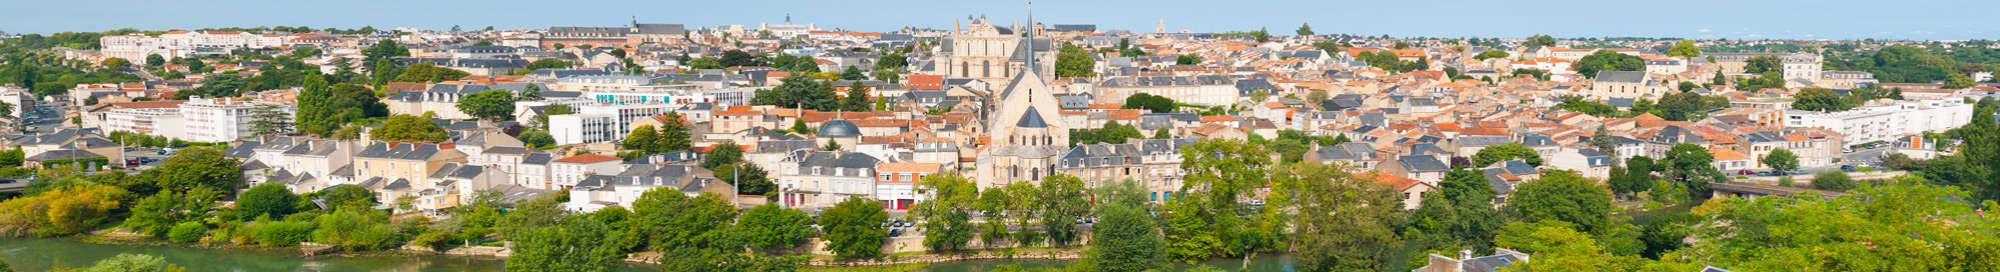 Week-end et séjour à Poitiers